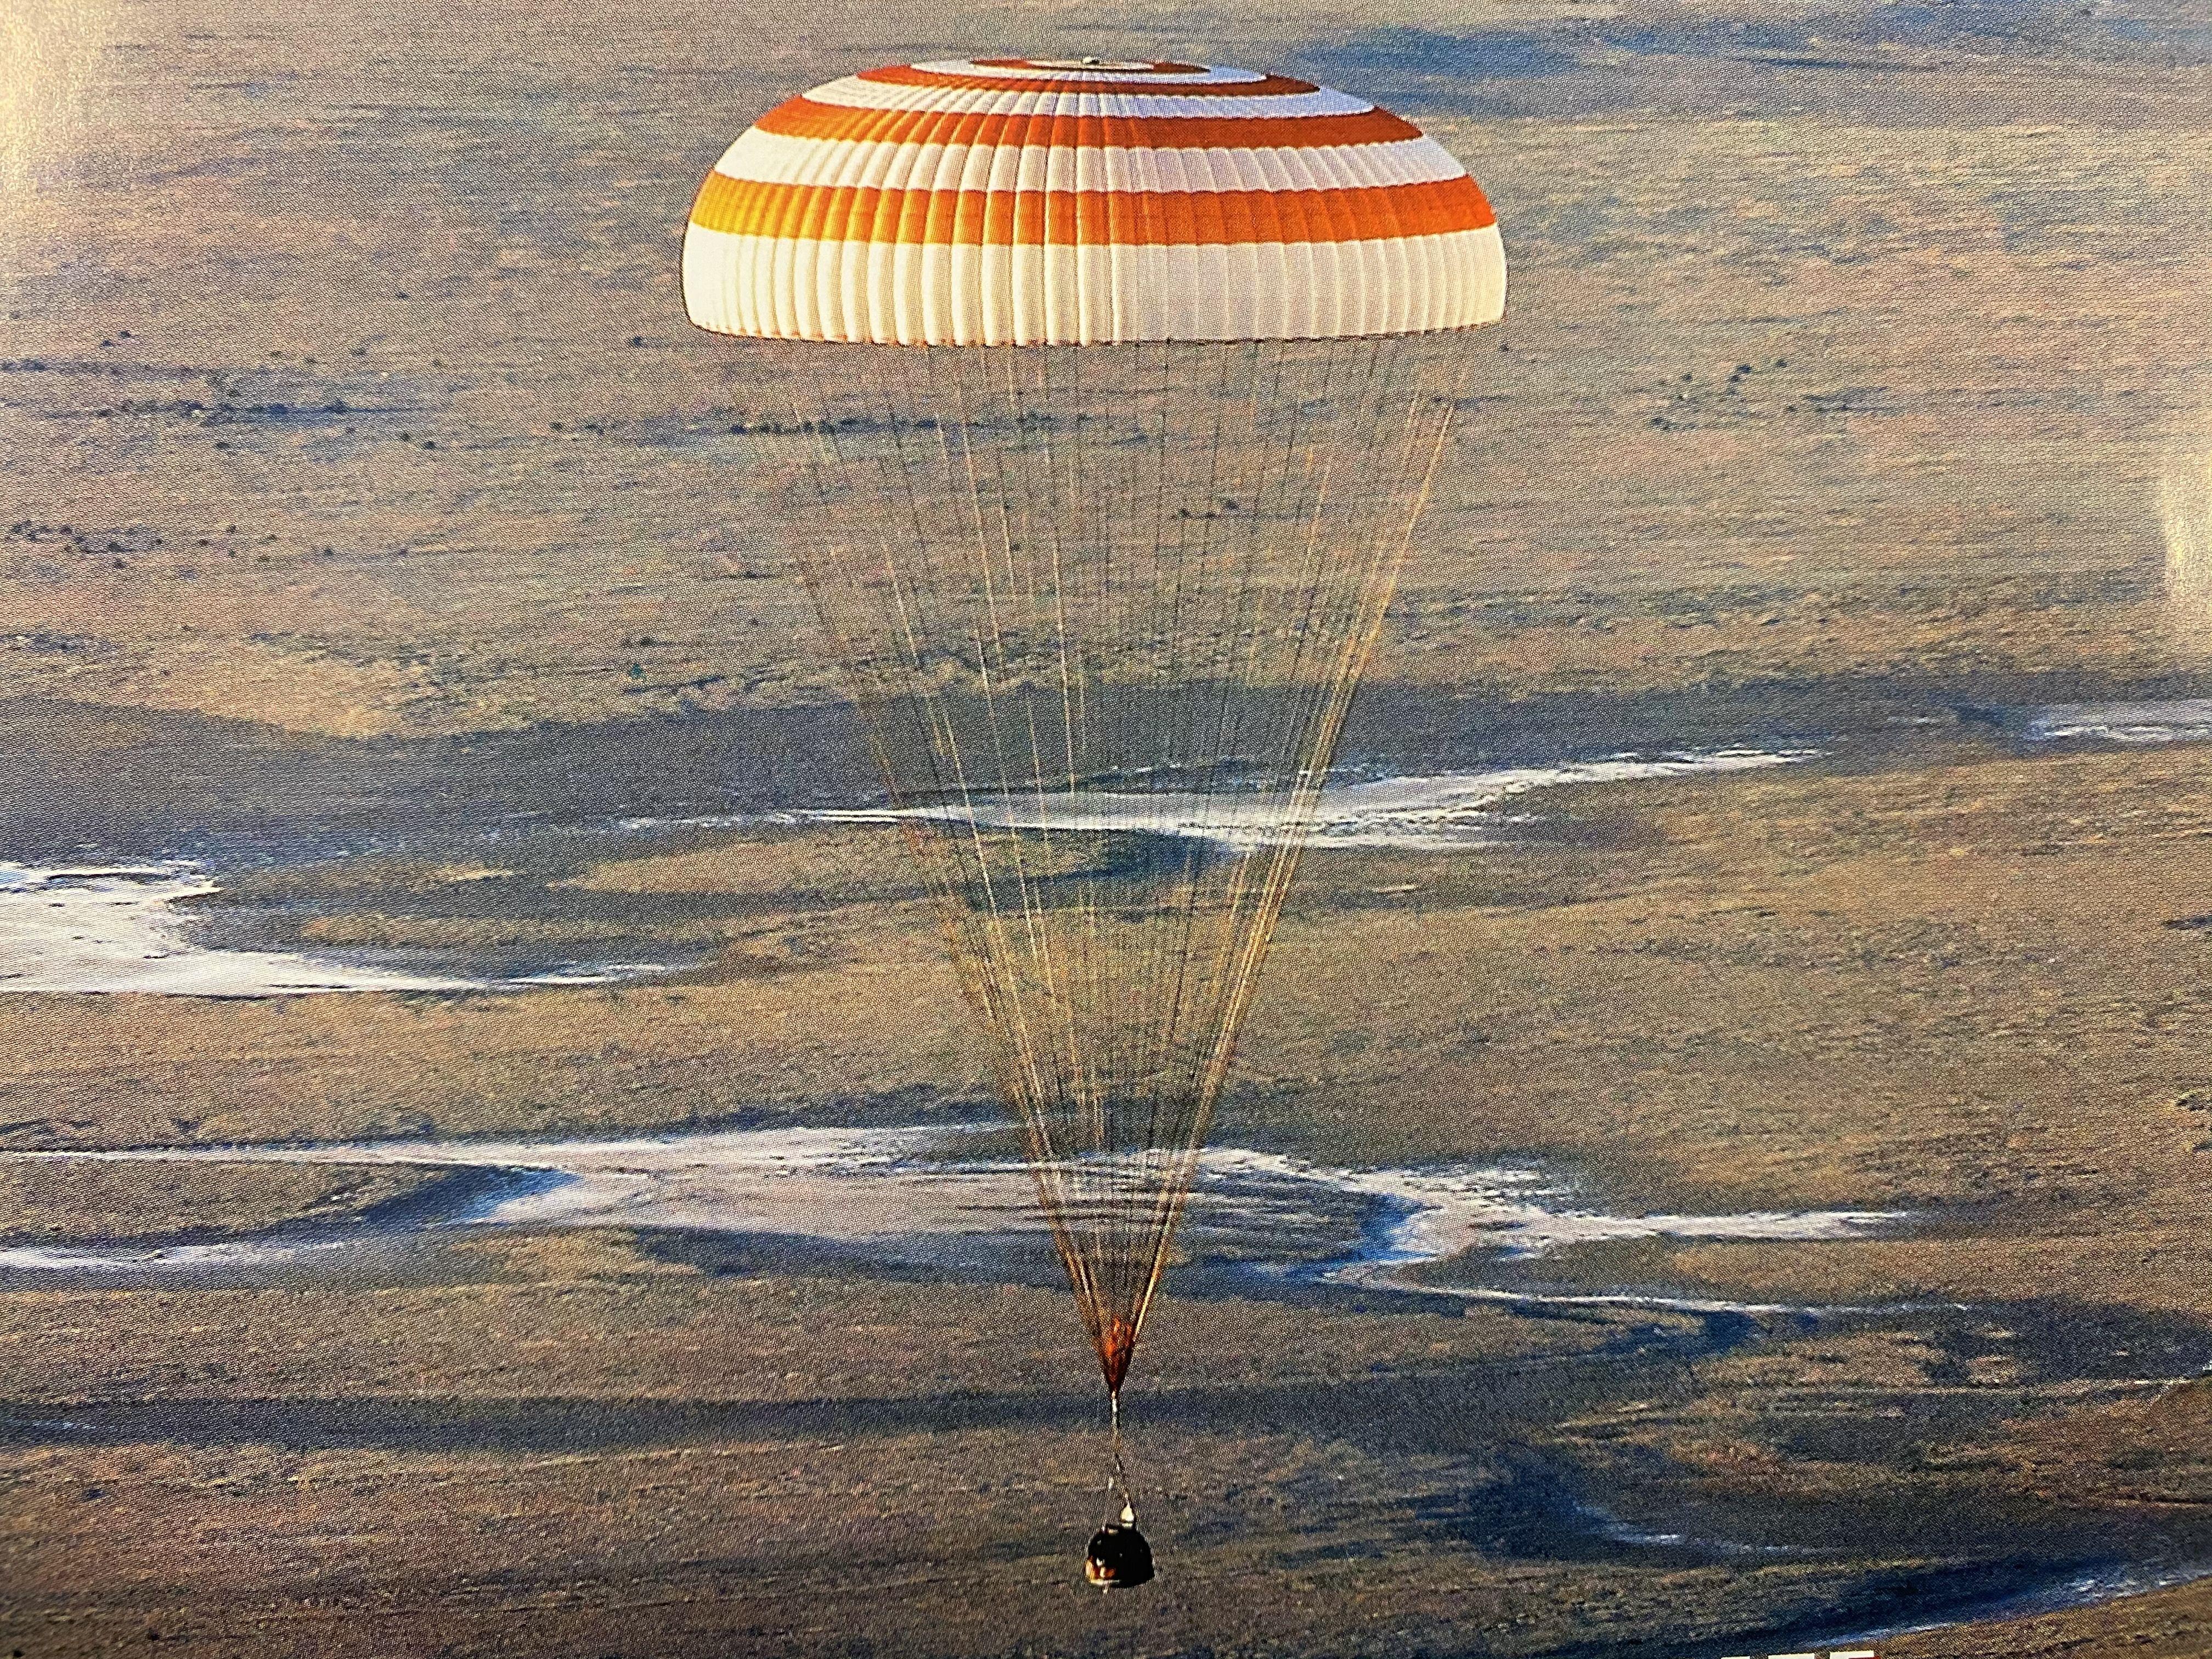 Летчик Владимир Наумкин: «Мы ждали сигнала с «Восхода-2», а в наушниках тишина...». Фото предоставил герой